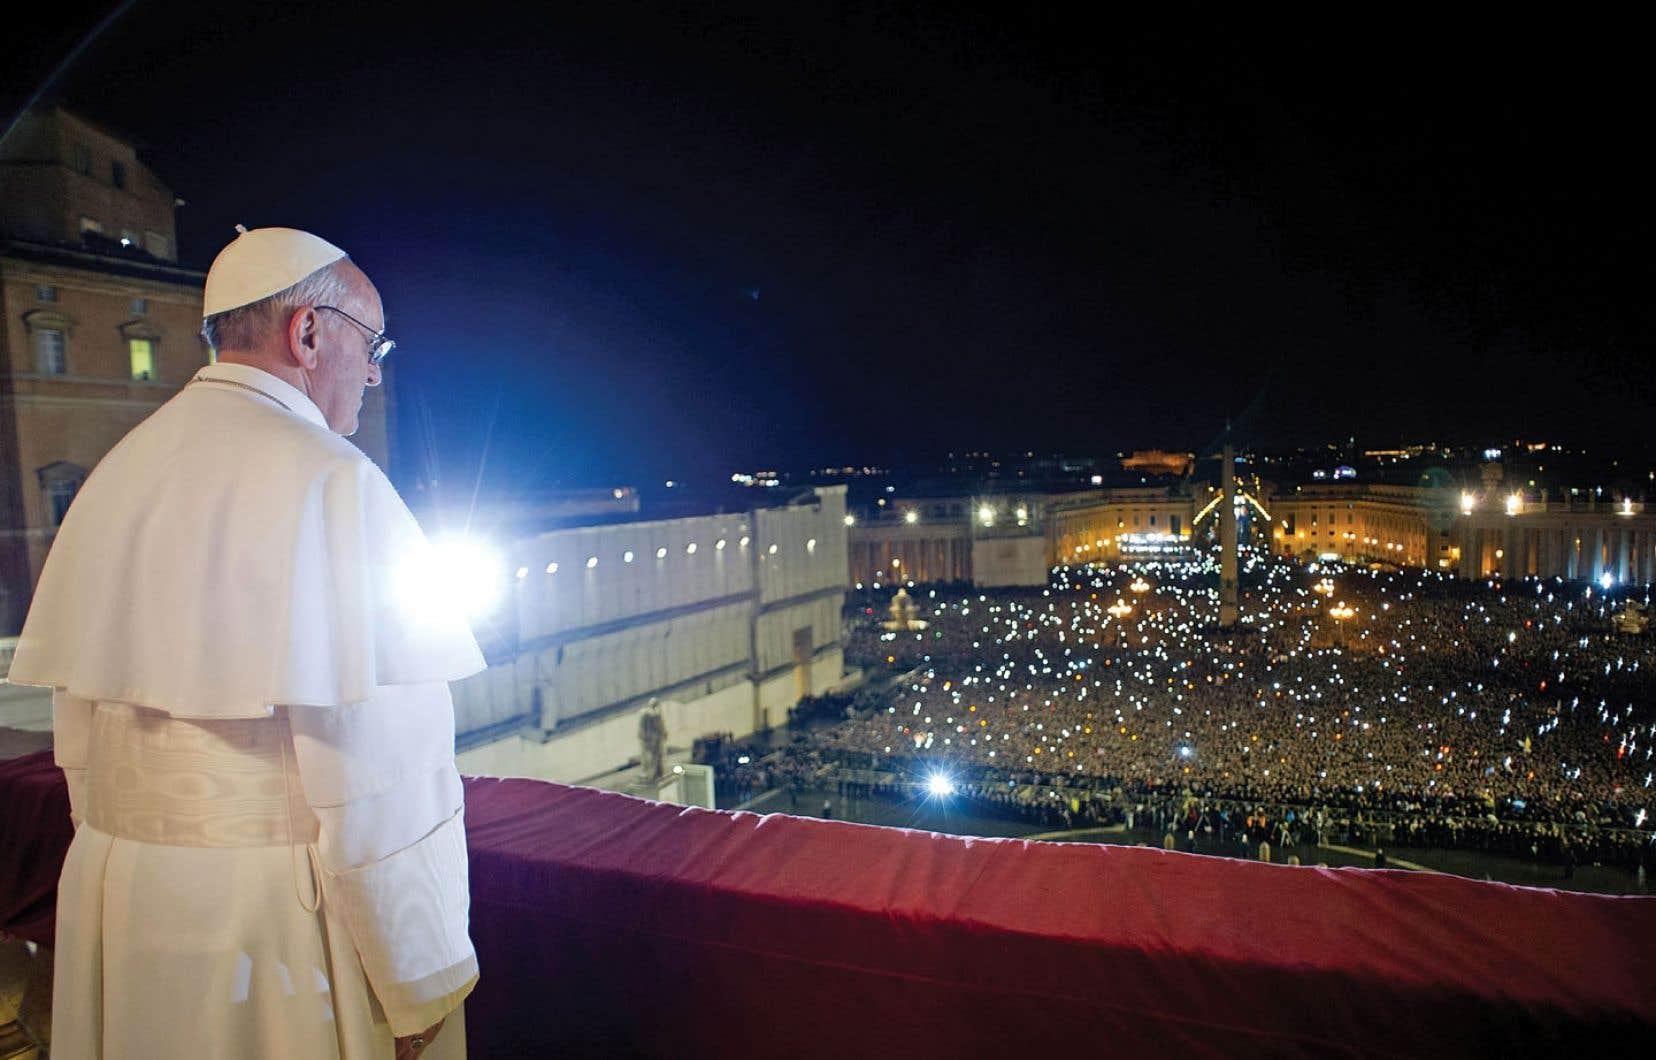 Le pape François saluant les fidèles au Vatican. Il s'agit du premier pape d'origine sud-américaine de l'histoire.